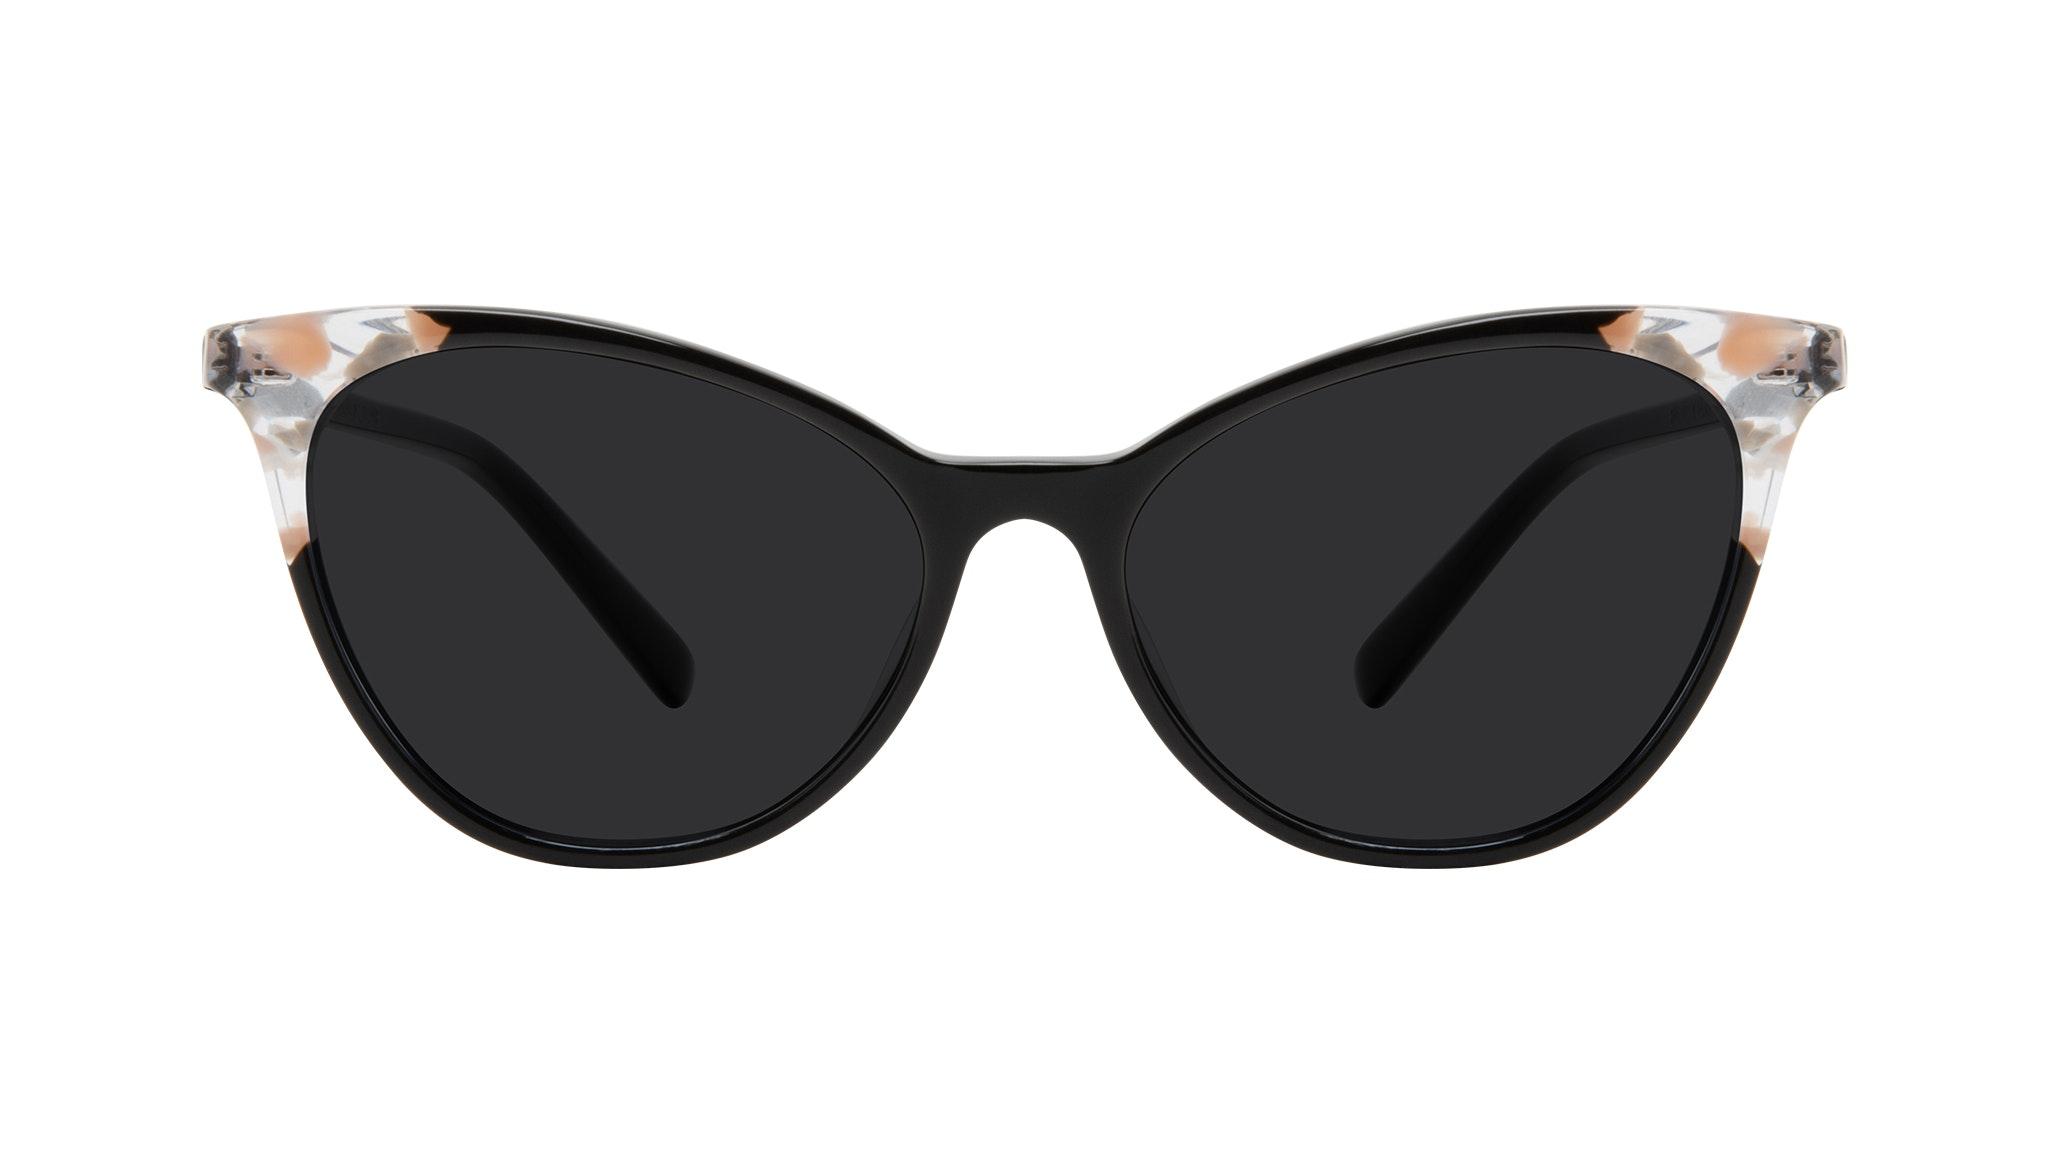 Lunettes tendance Oeil de chat Lunettes de soleil Femmes Unreal Black Stone Face